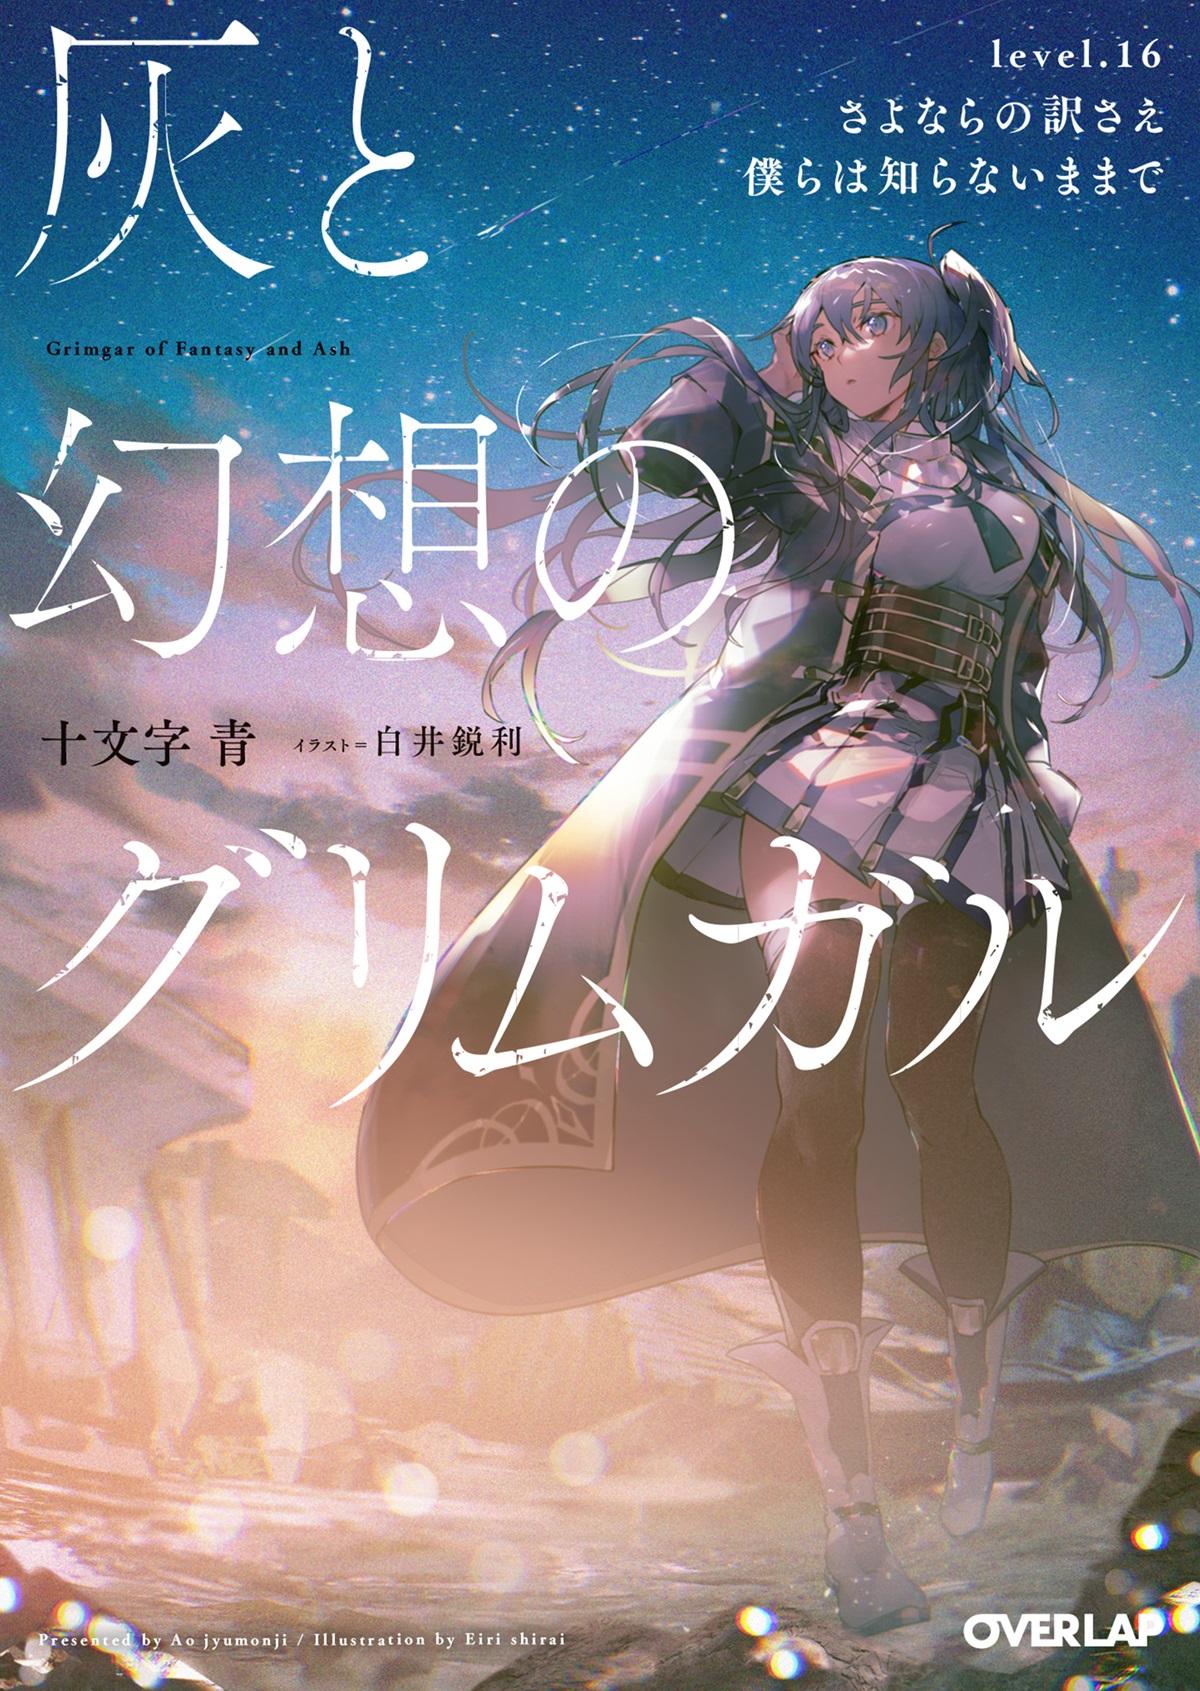 灰 と 幻想 の グリムガル Amazon.co.jp: 灰と幻想のグリムガルを観る